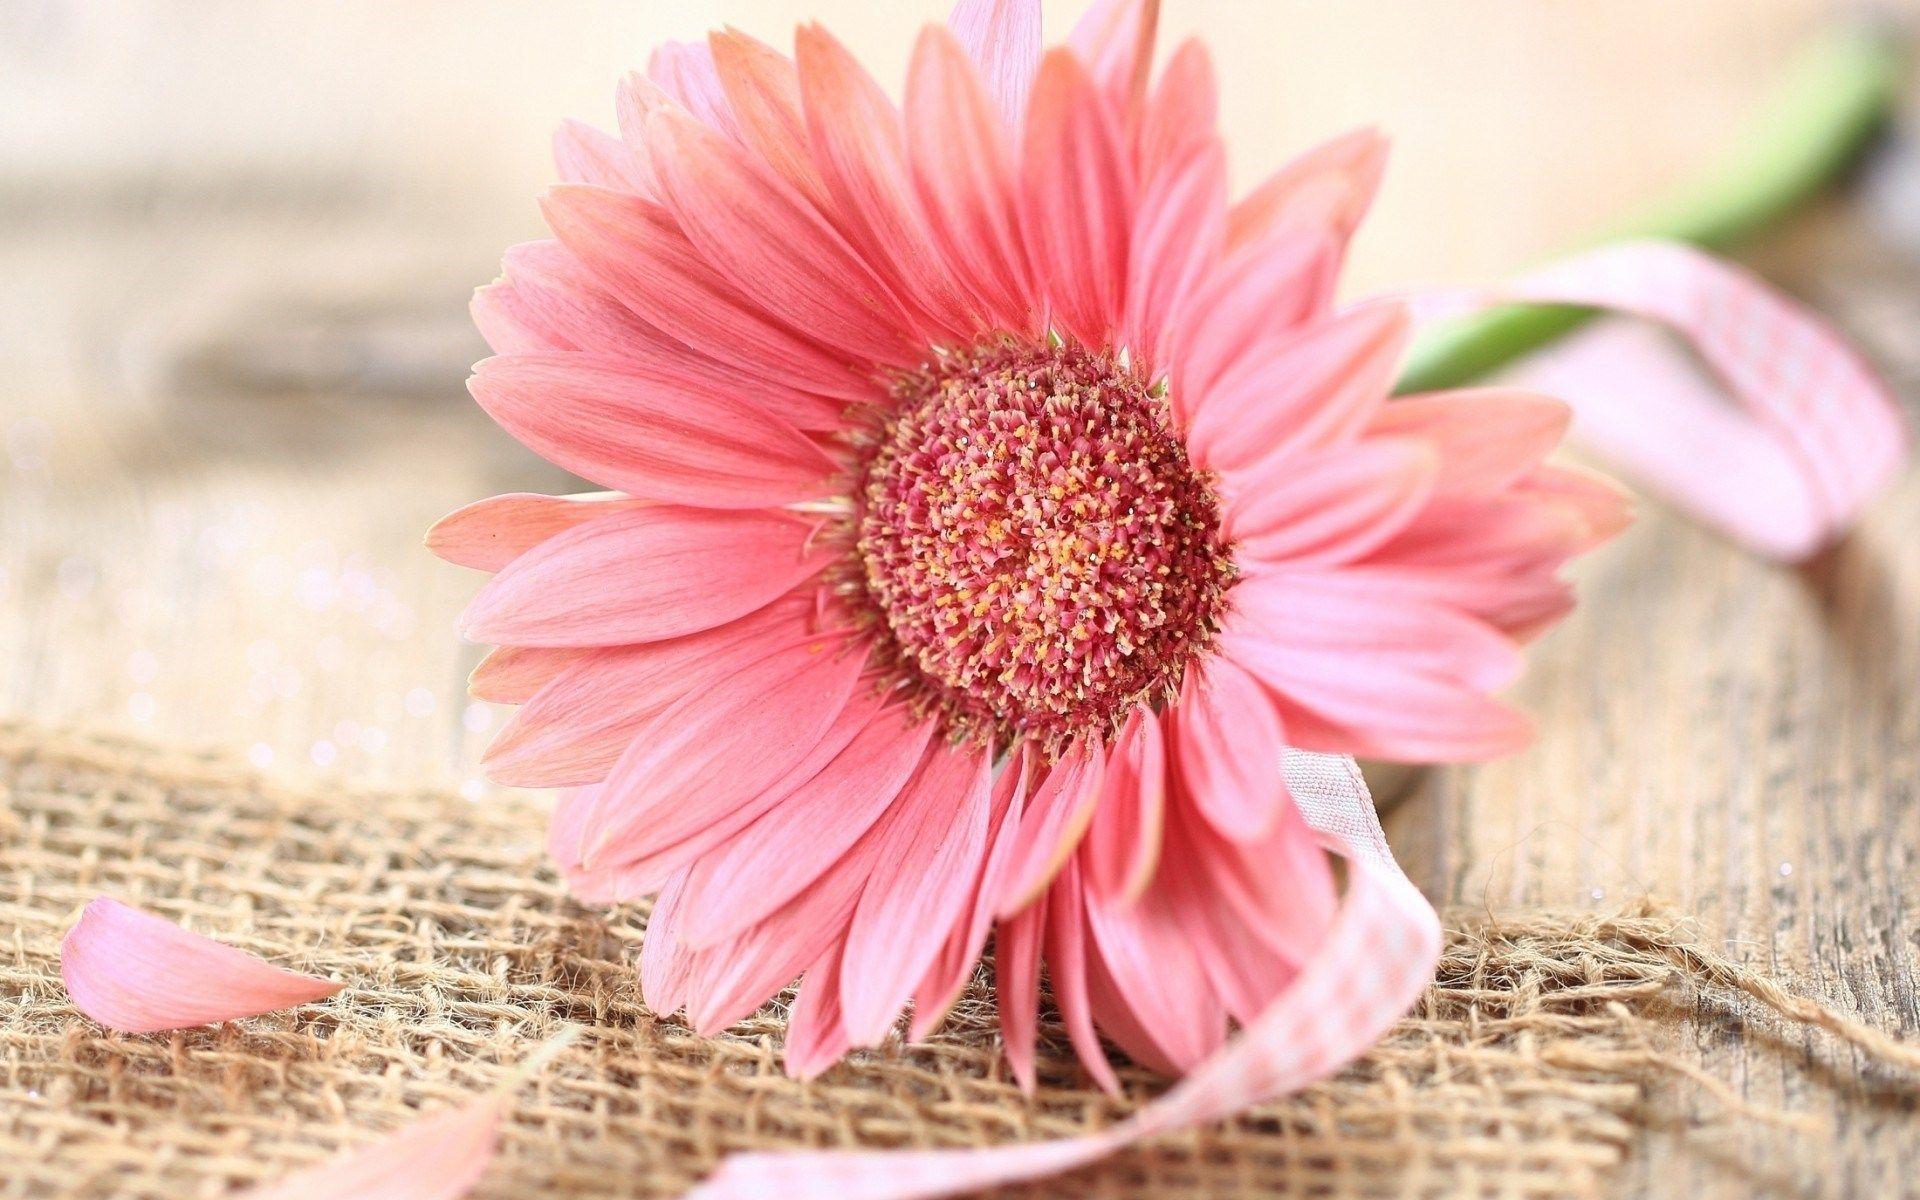 Pink Gerbera Daisy Hd Desktop Wallpaper High Definition Wallpapers